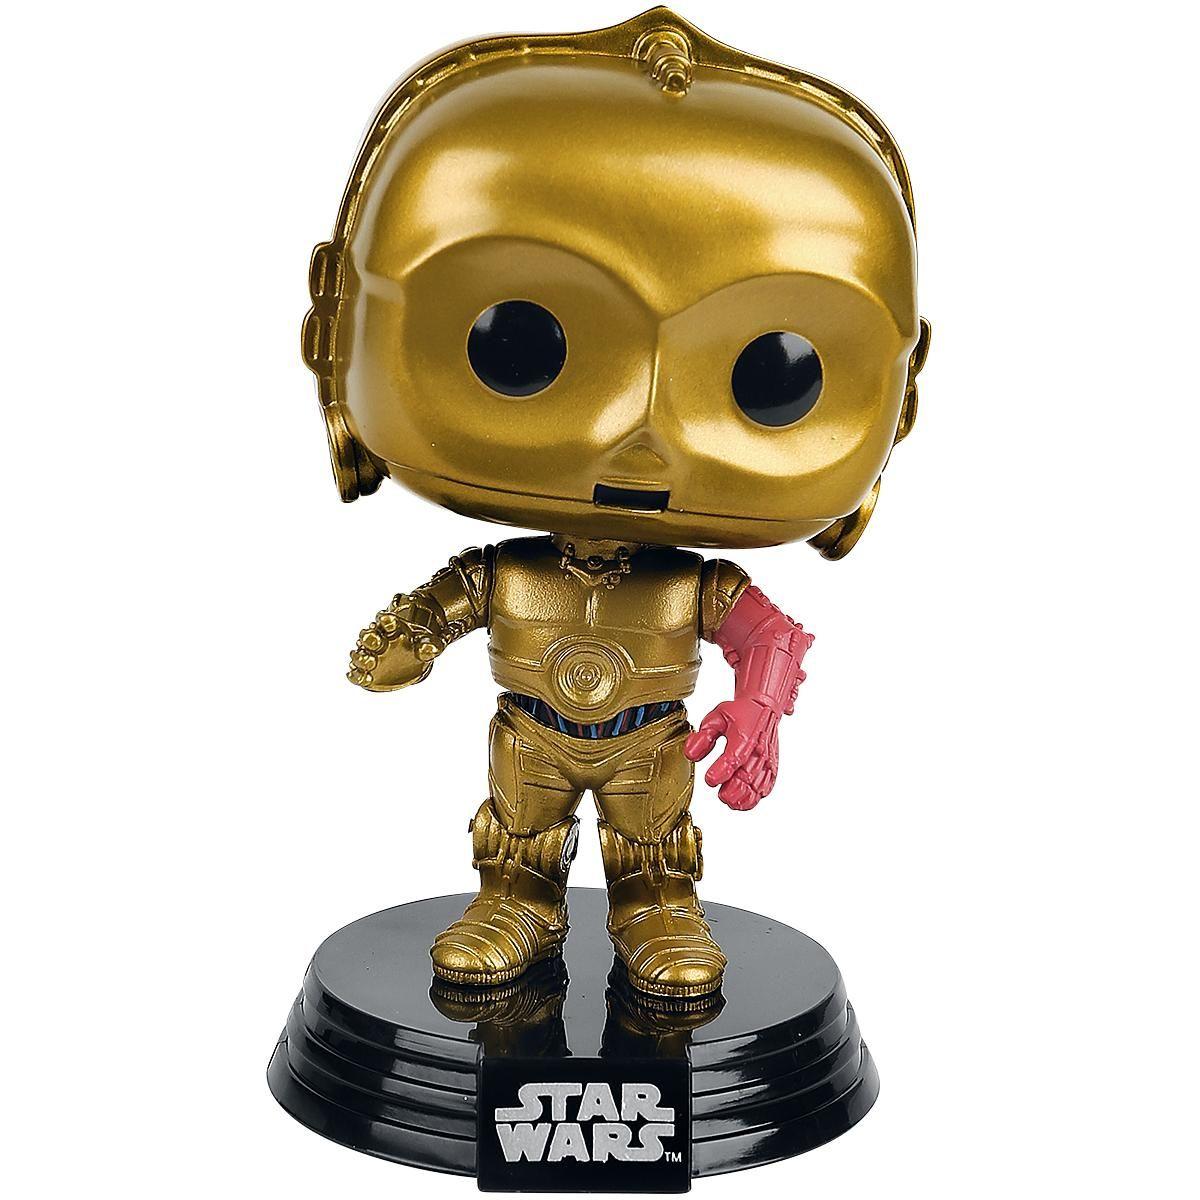 Statuetta decorativa C-3PO di Star Wars del brand #Funko collezione Bobble Head. Altezza: 11 cm circa.